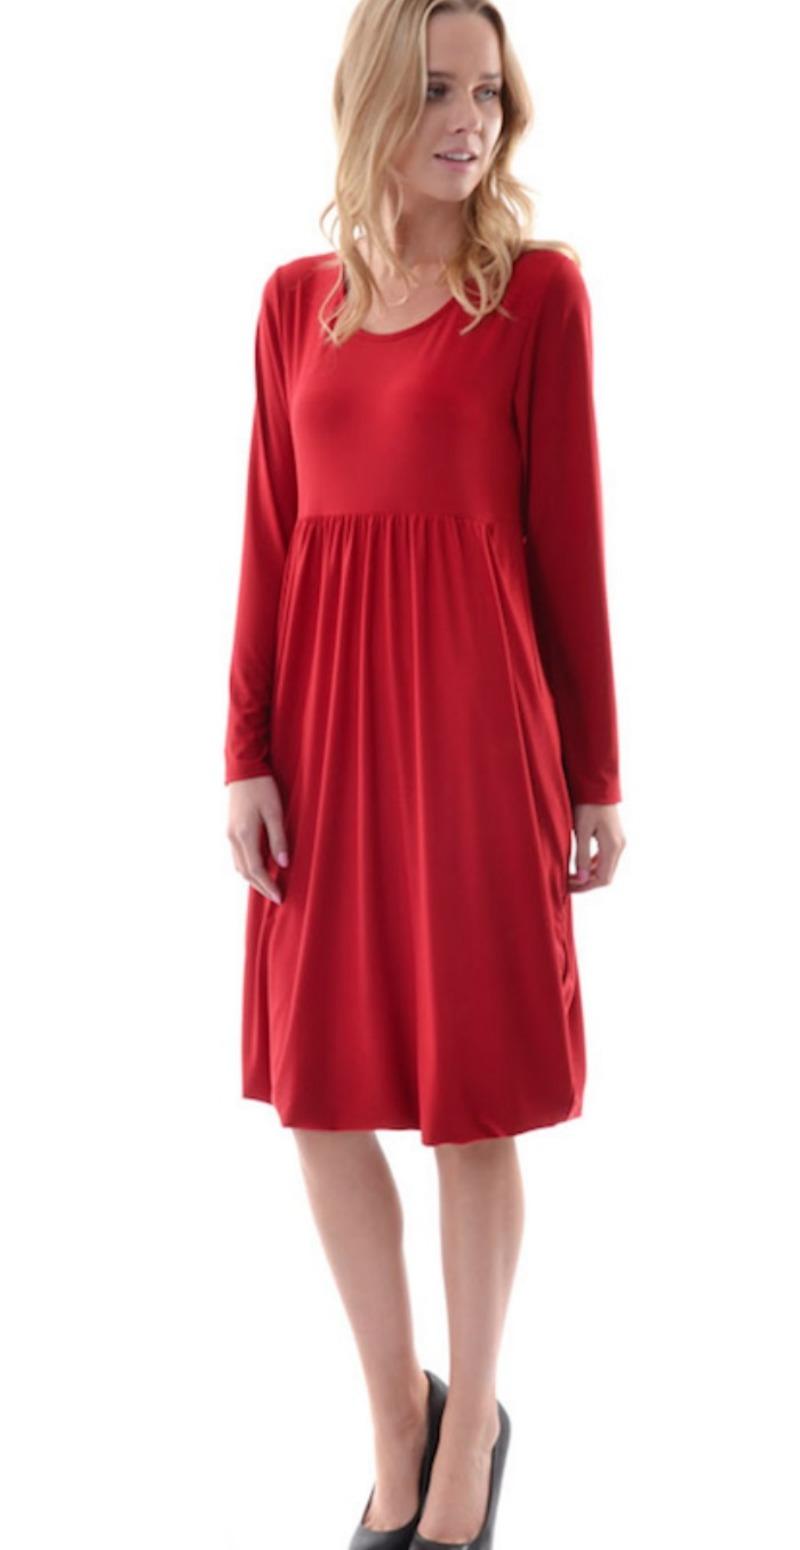 rød kjole xxl